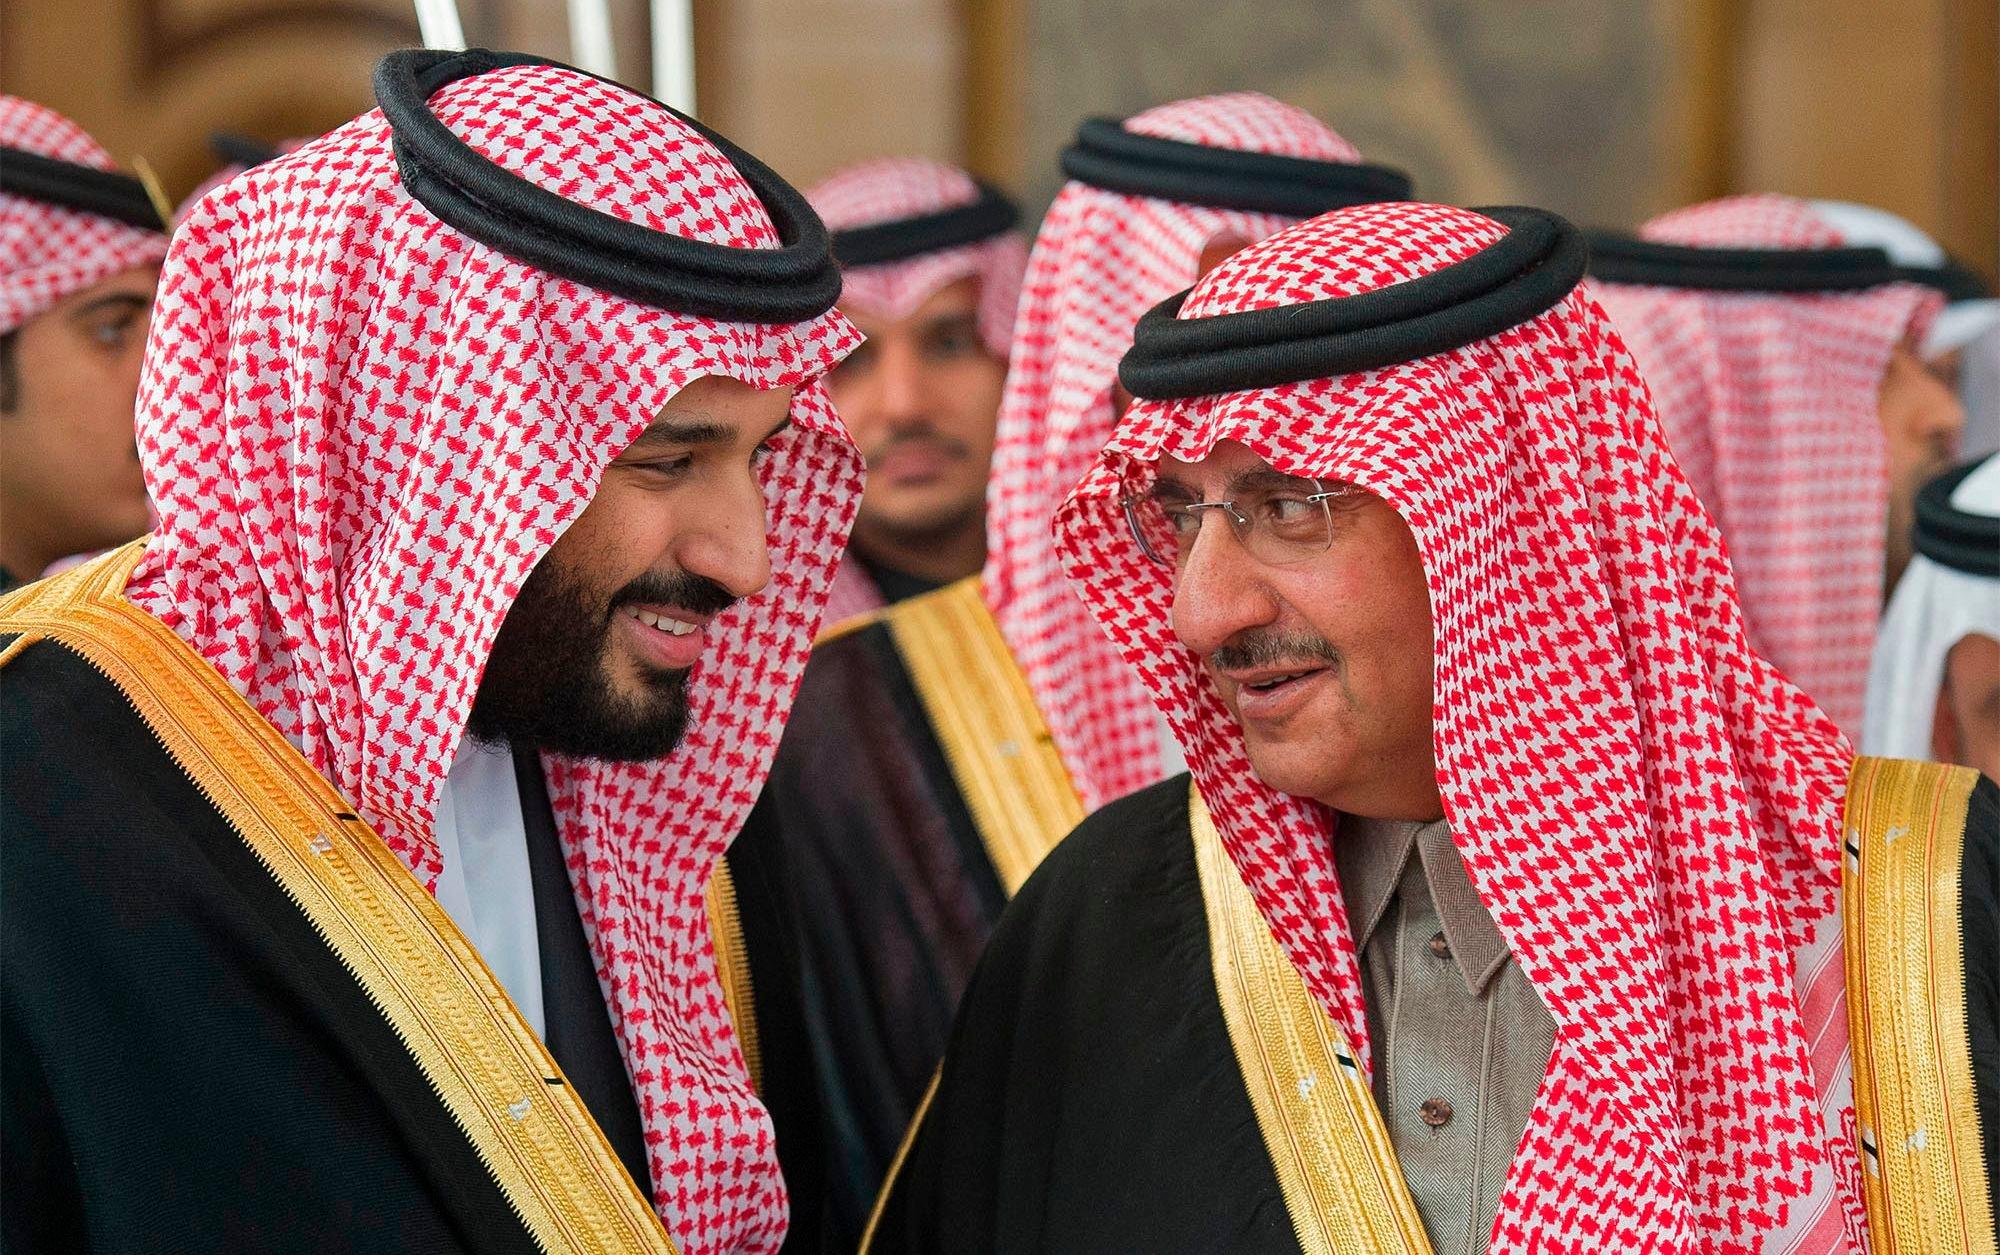 沙特四名王室成員被捕,包括前王儲與國王弟弟